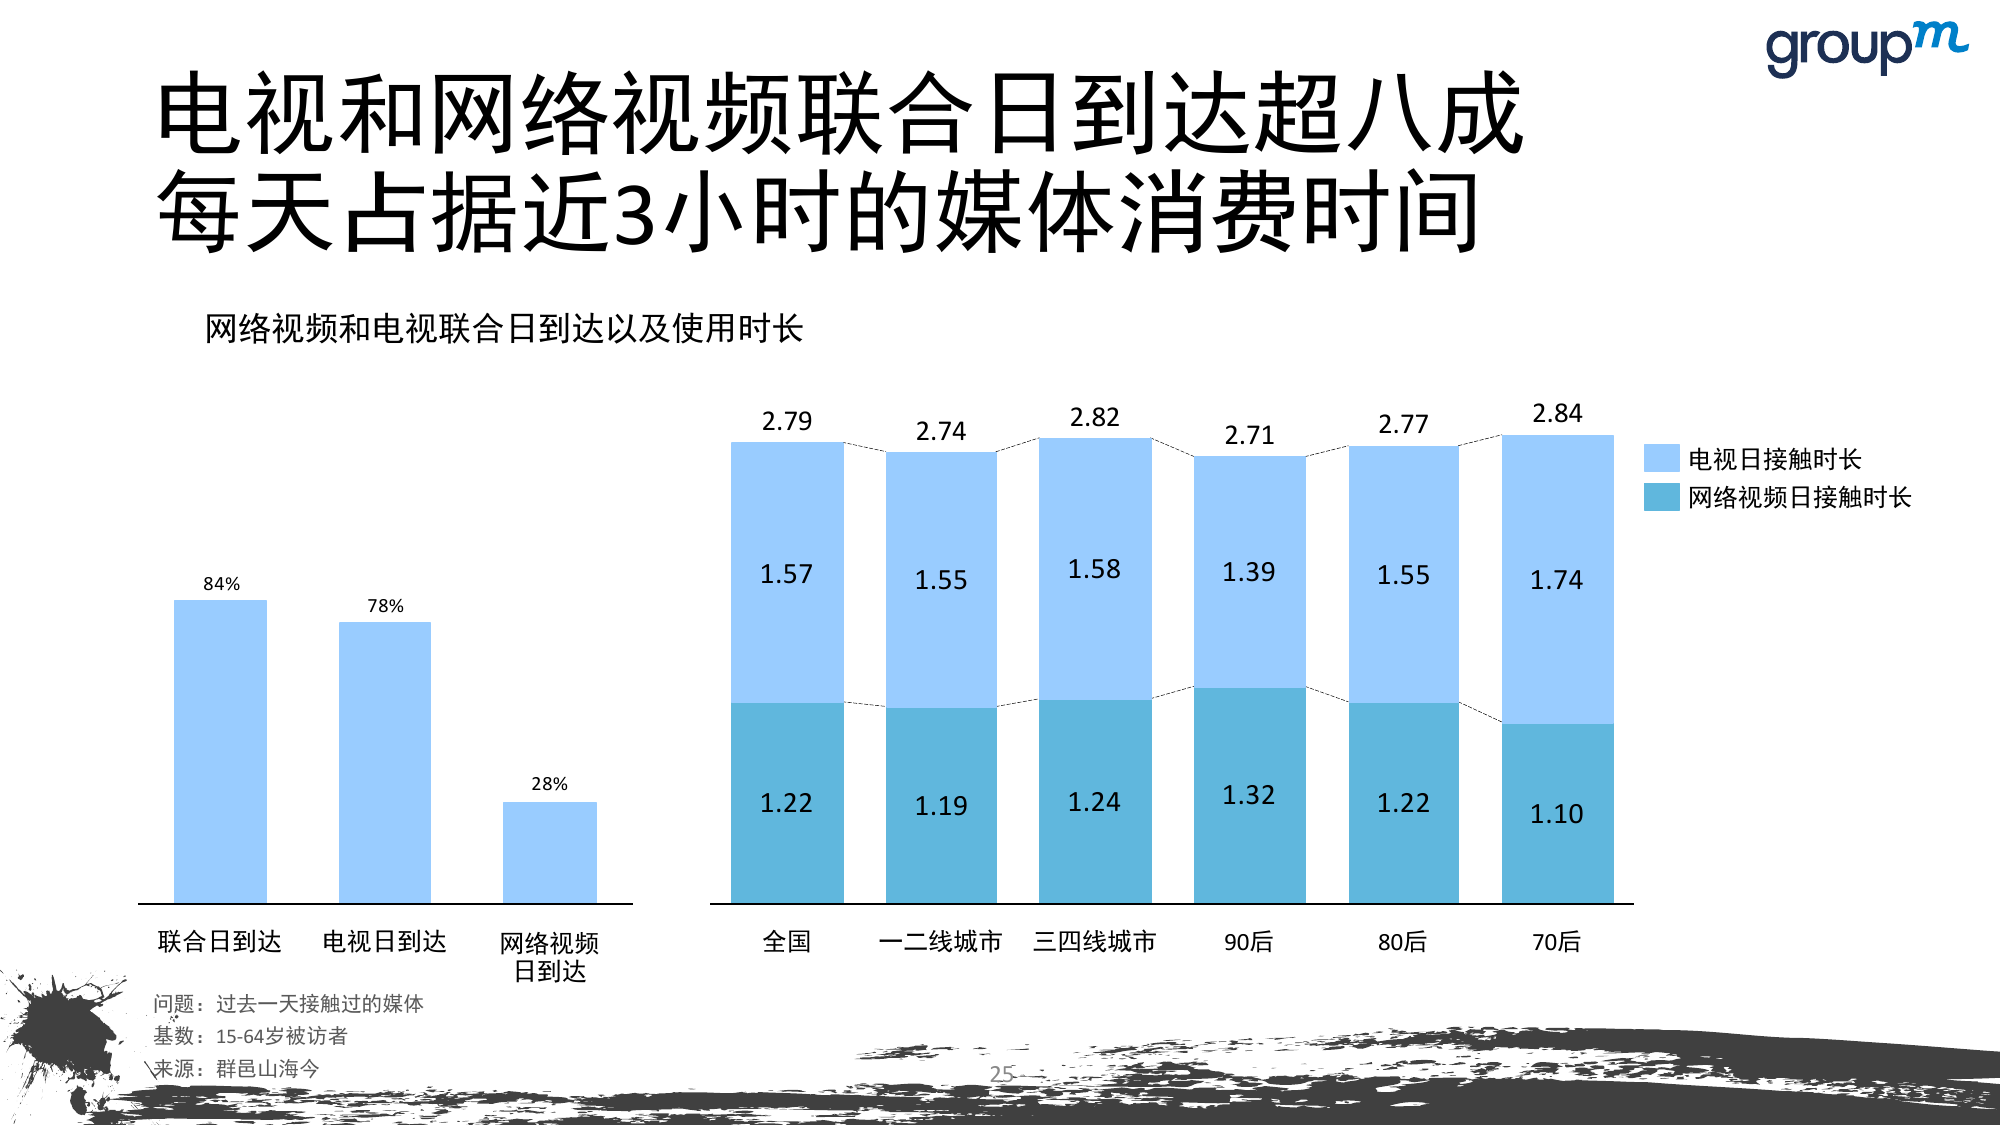 山海今2015中国媒介趋势报告_000025